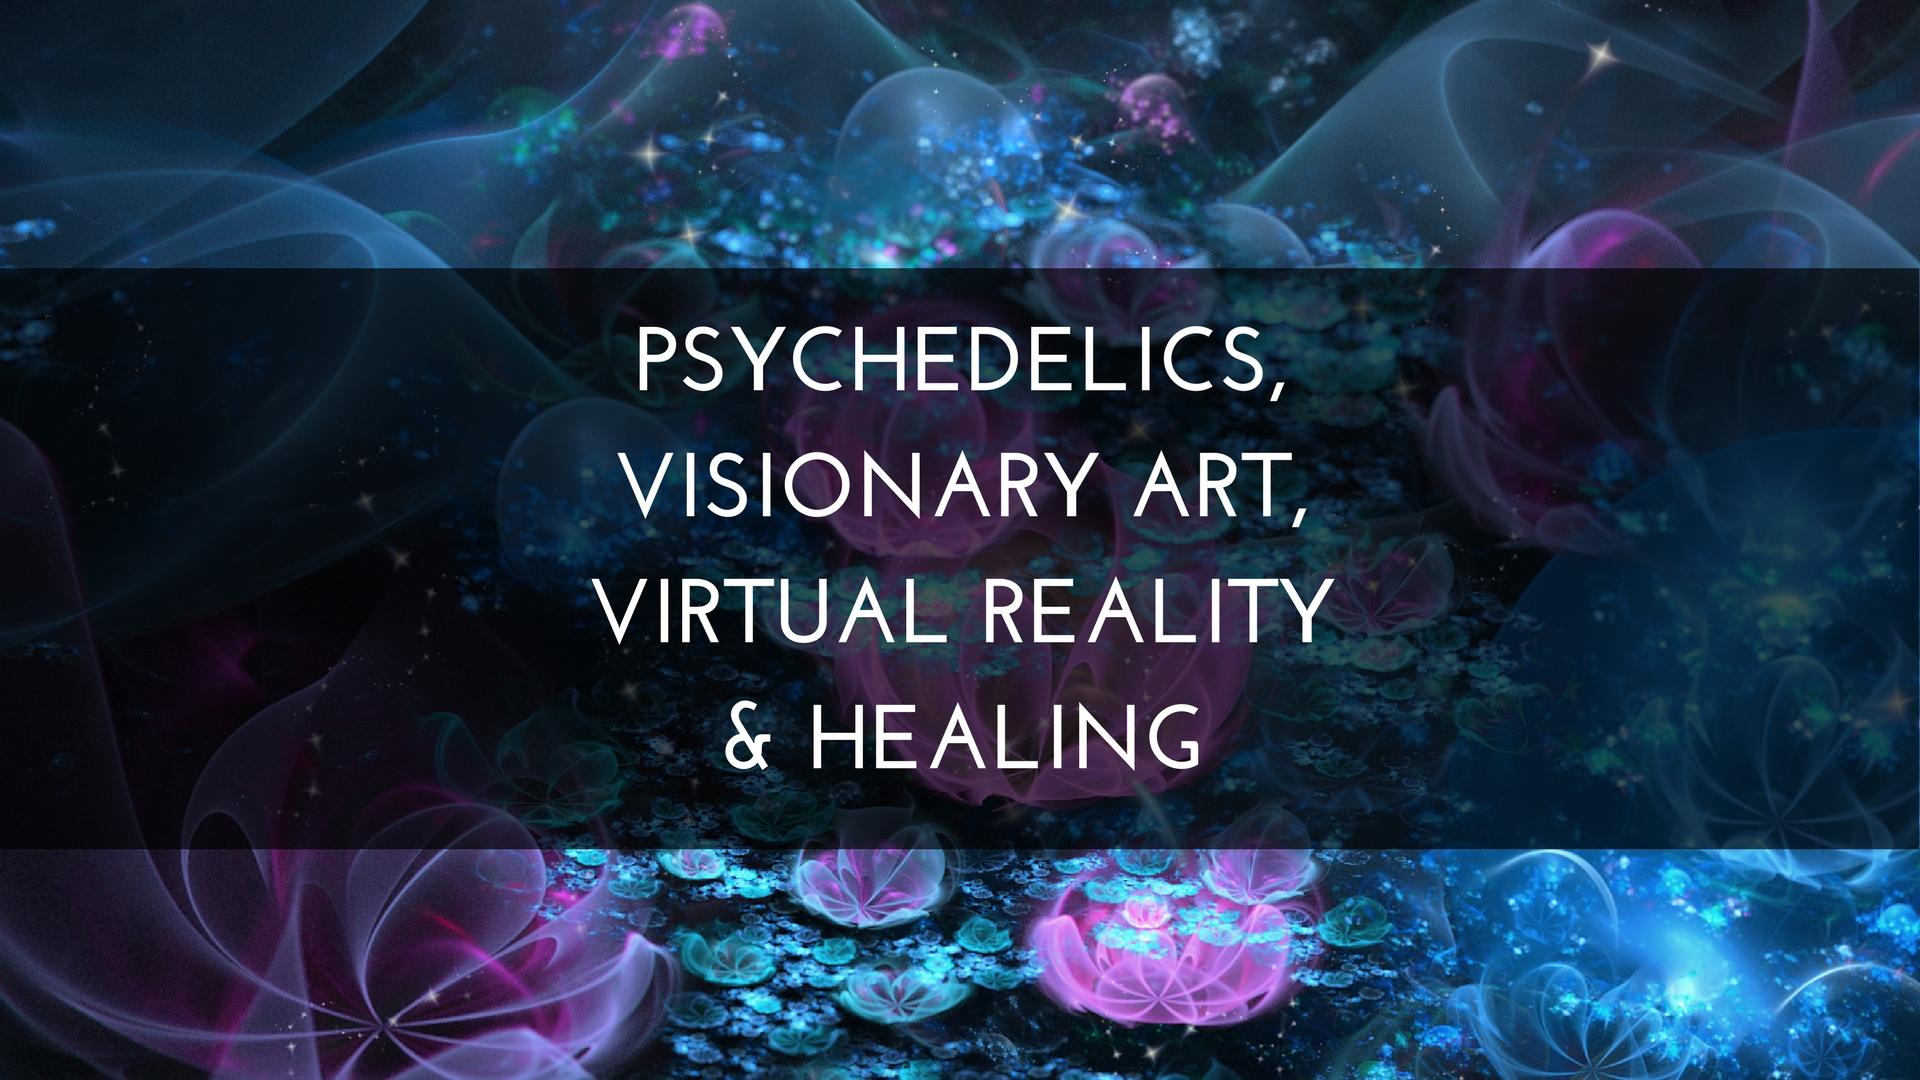 Psychedelics, Visionary Art, Virtual Reality & Healing.